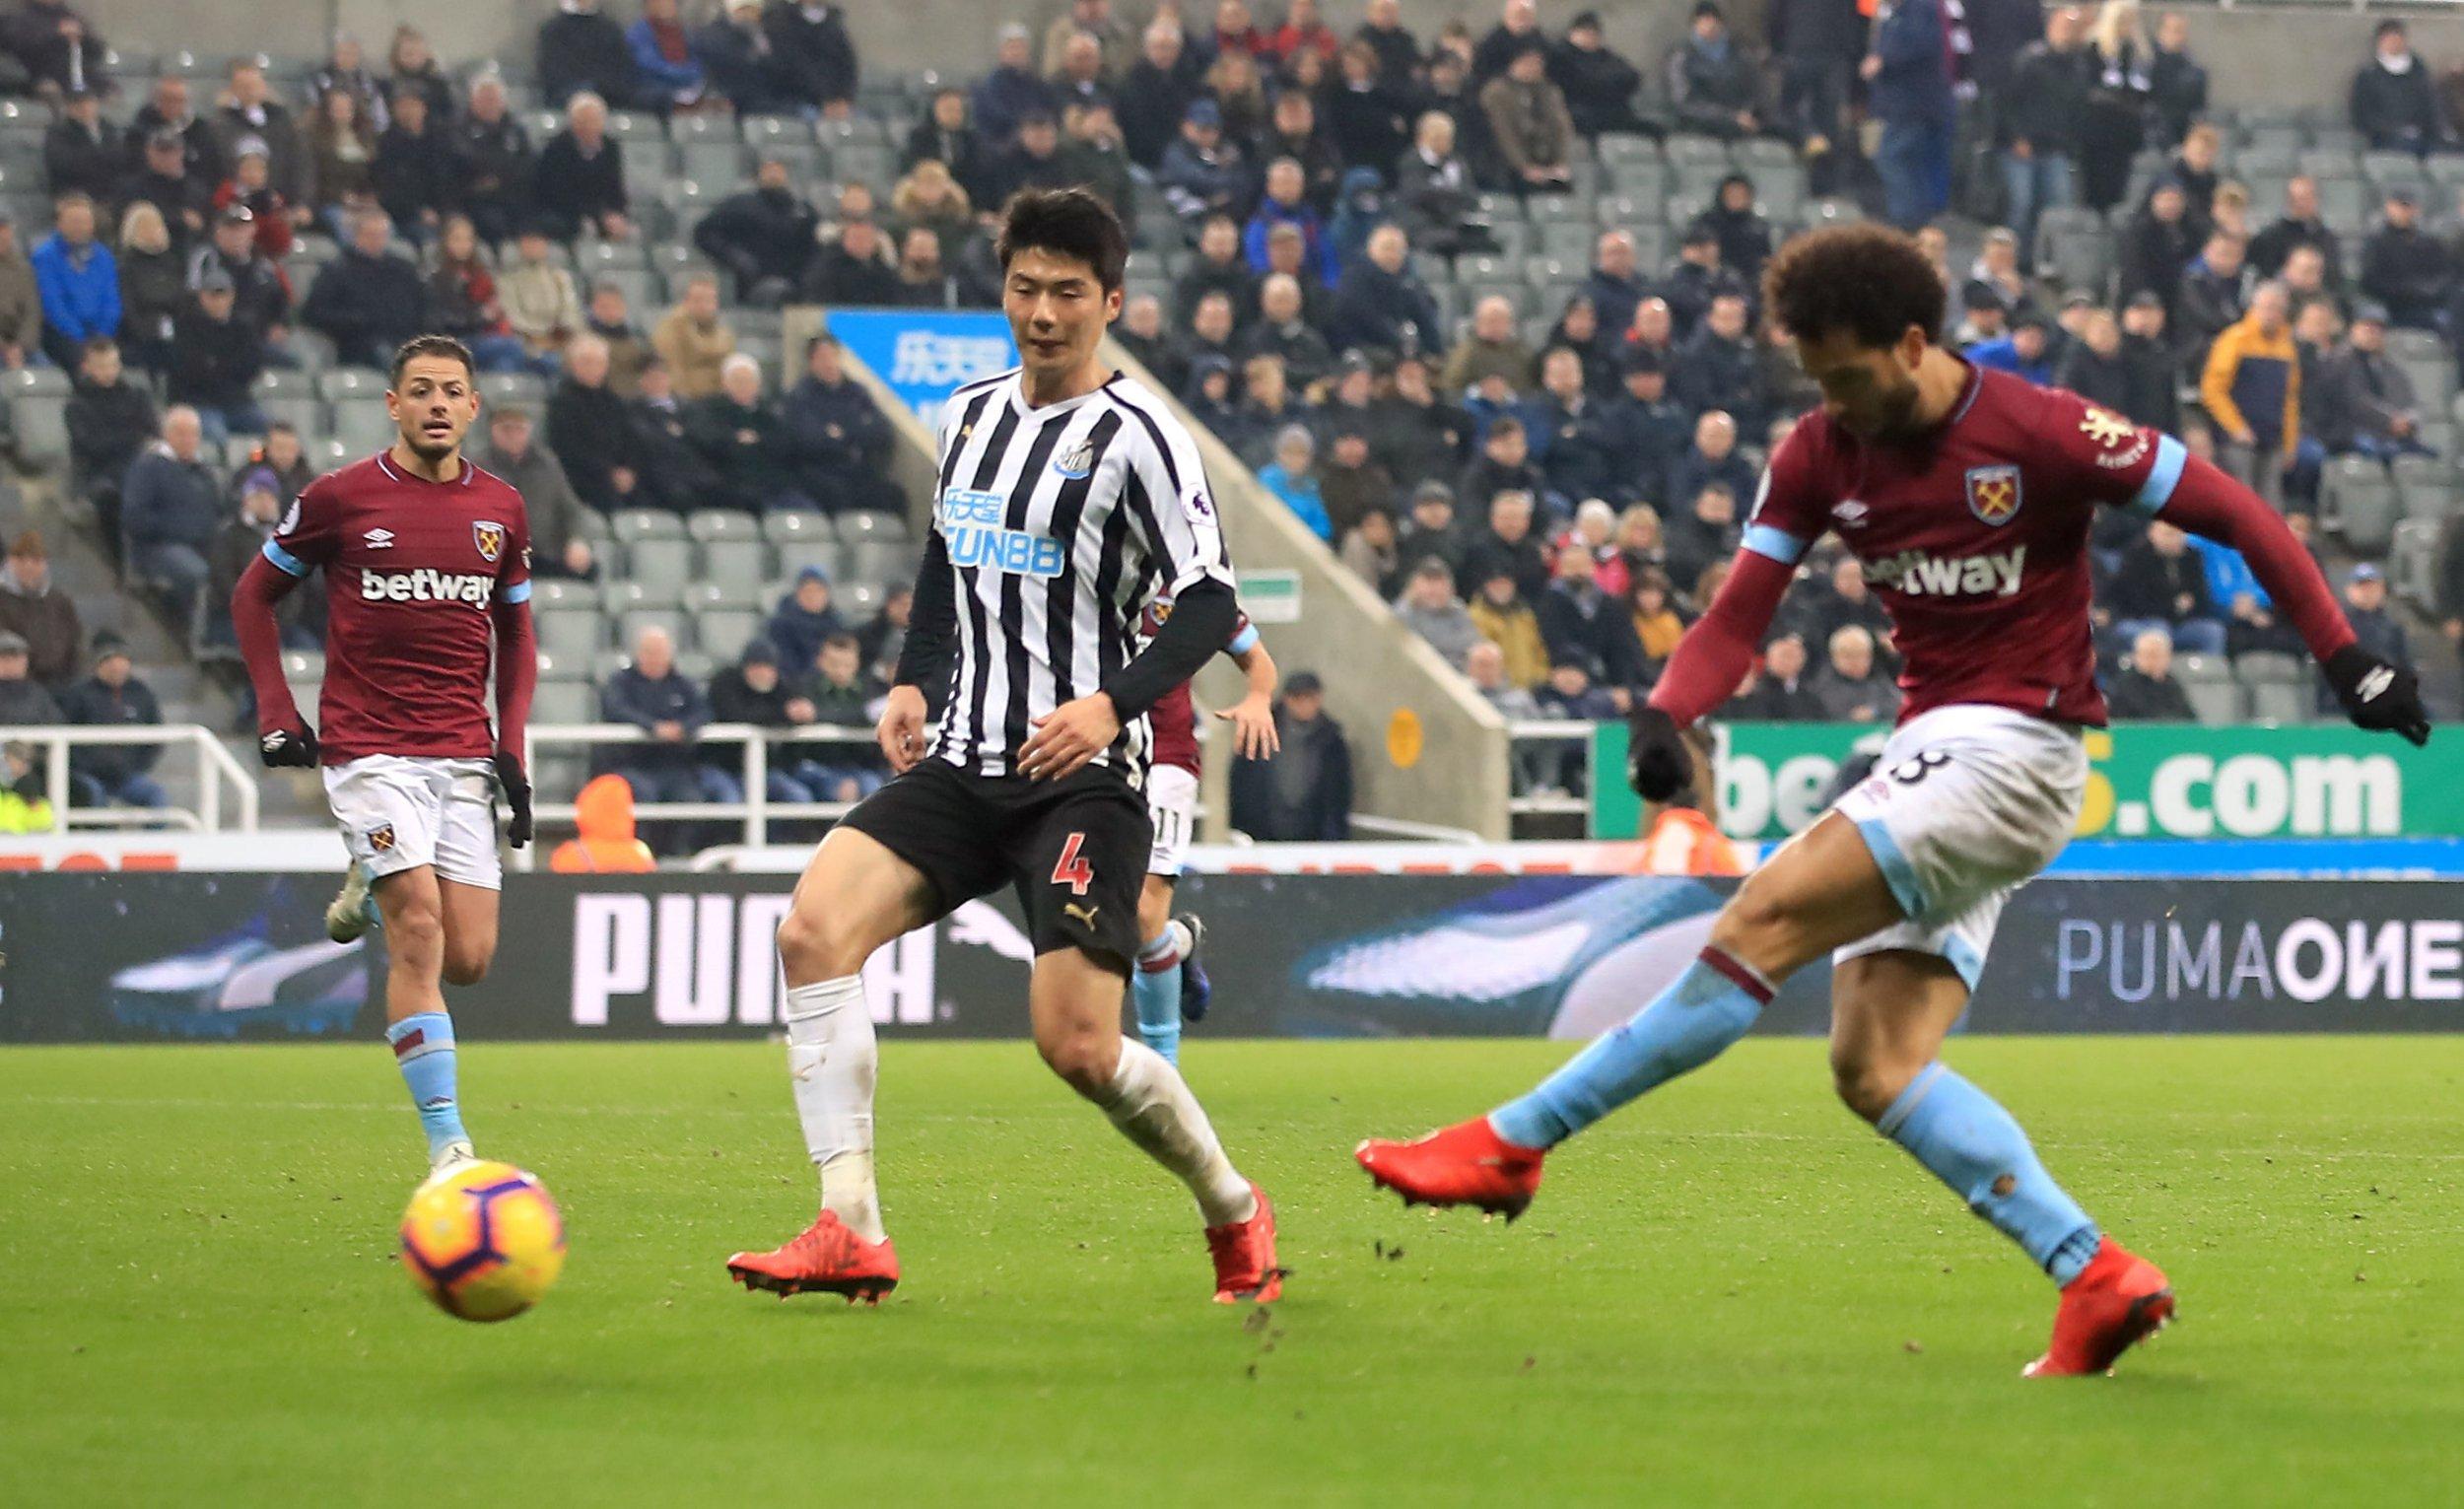 Soi kèo Newcastle vs West Ham, 18h30 ngày 17/4 – Premier league